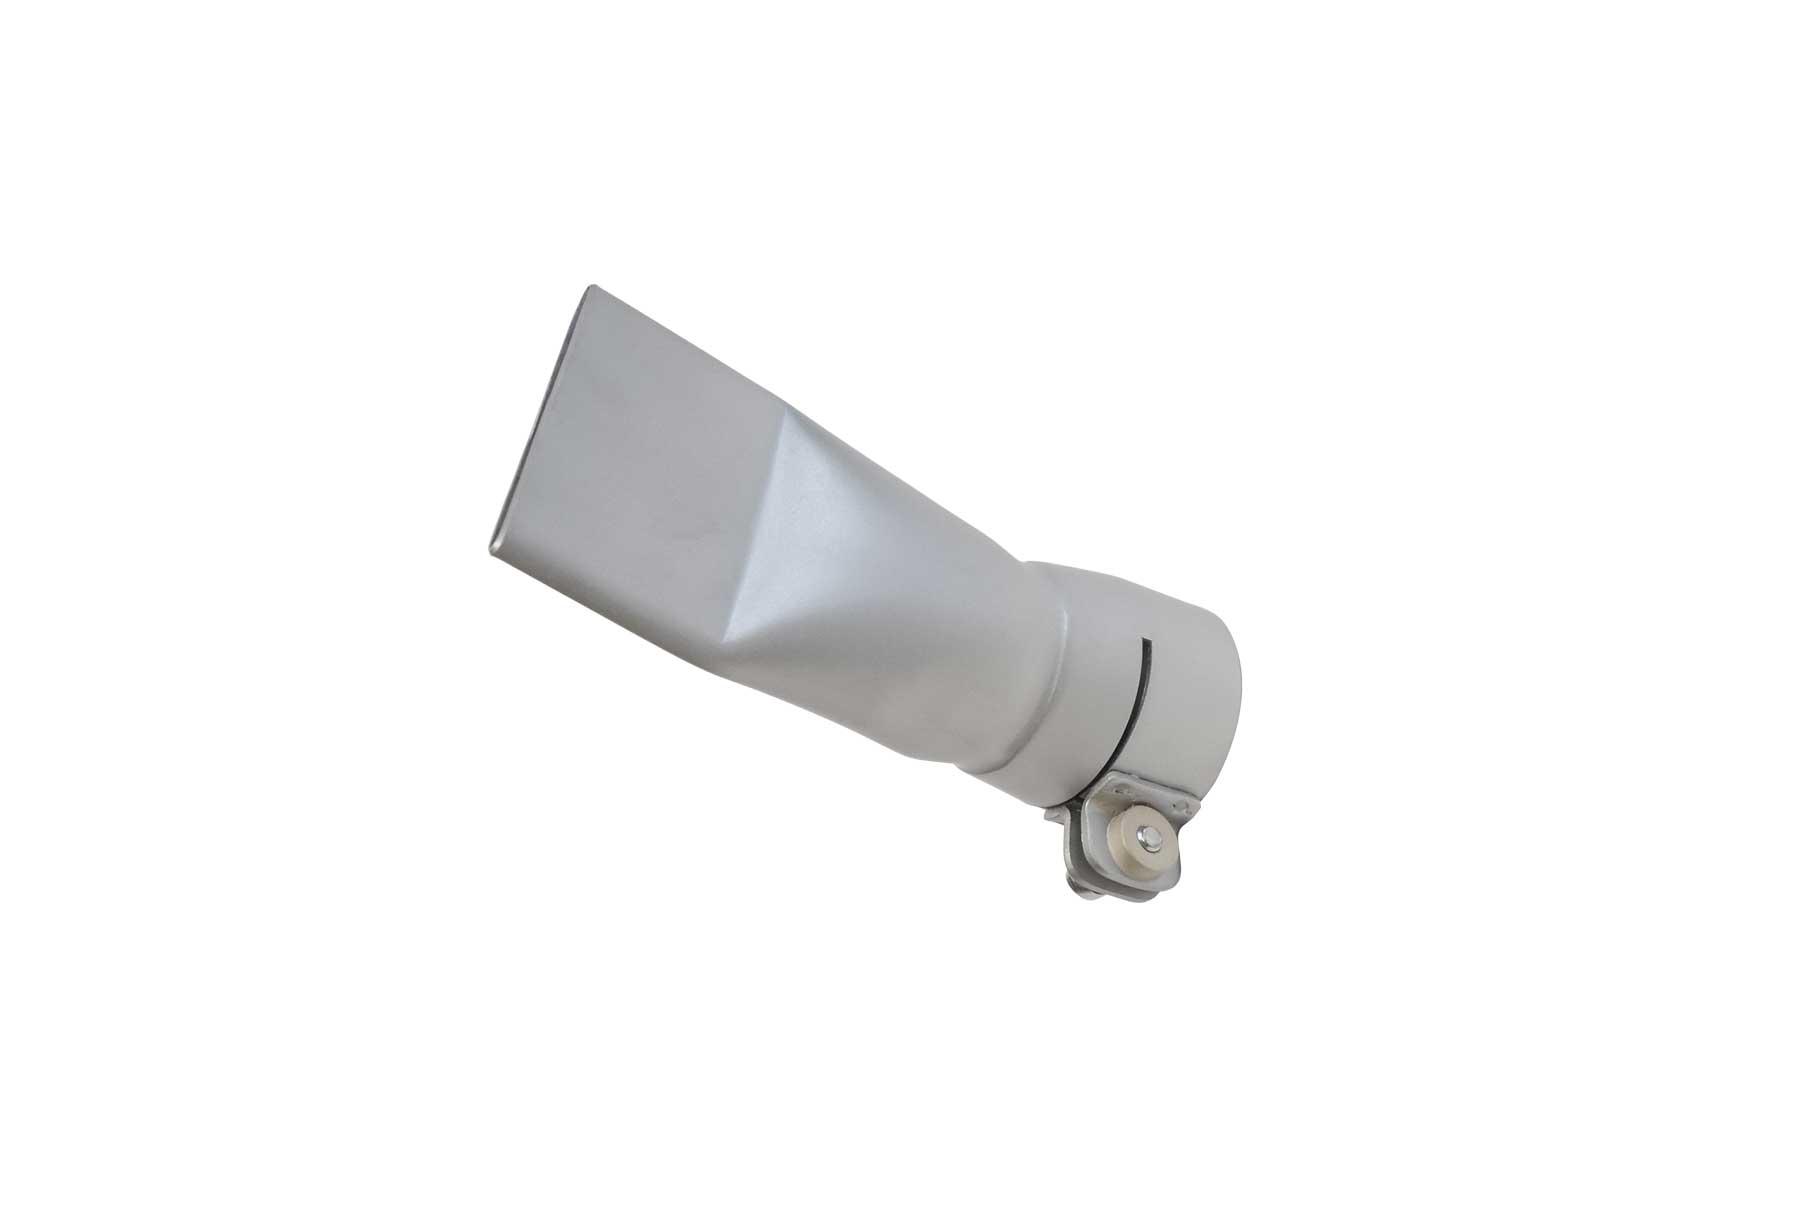 Edelstahldüse, abgewinkelt 40 mm / Stainless steel nozzle, bended 40 mm